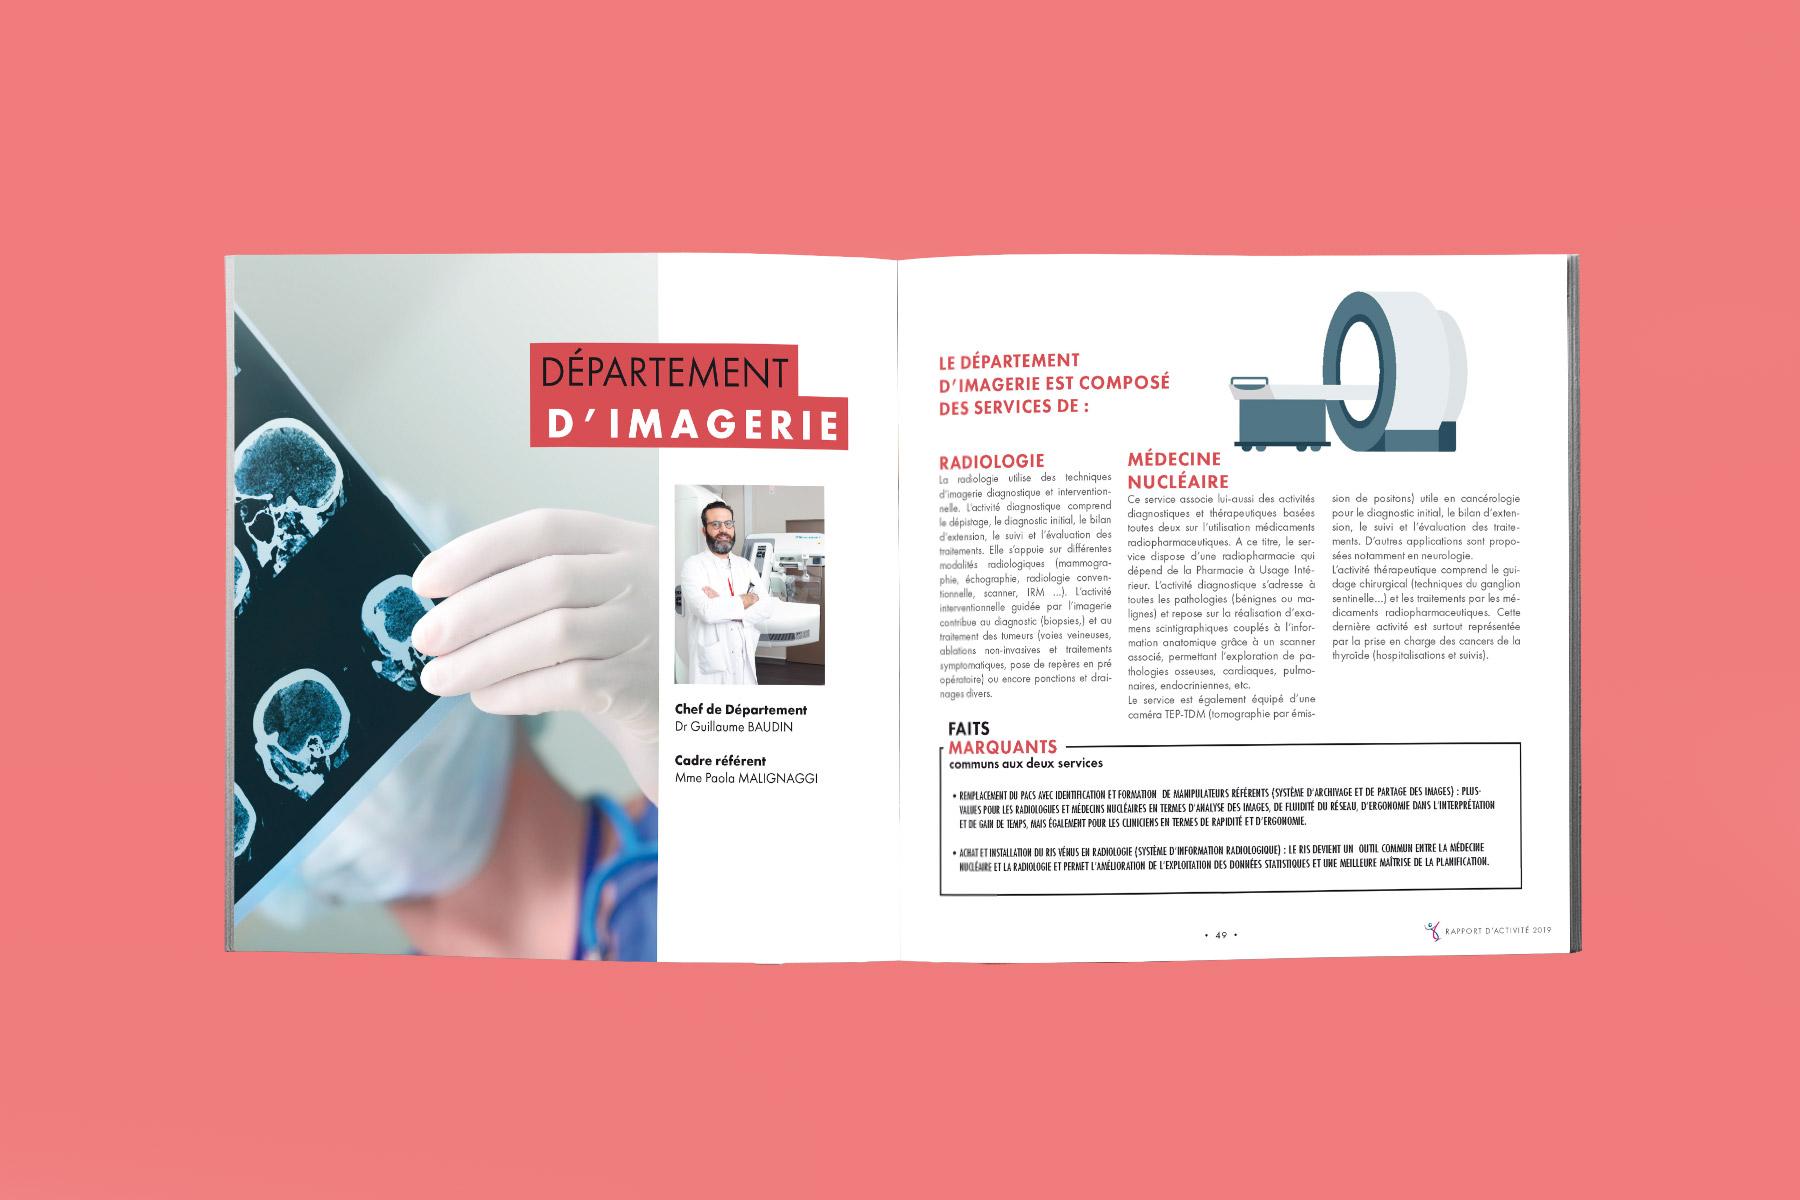 Rapport-ACTIVITE-Centre-Antoine-Lacassagne-2020—INT1